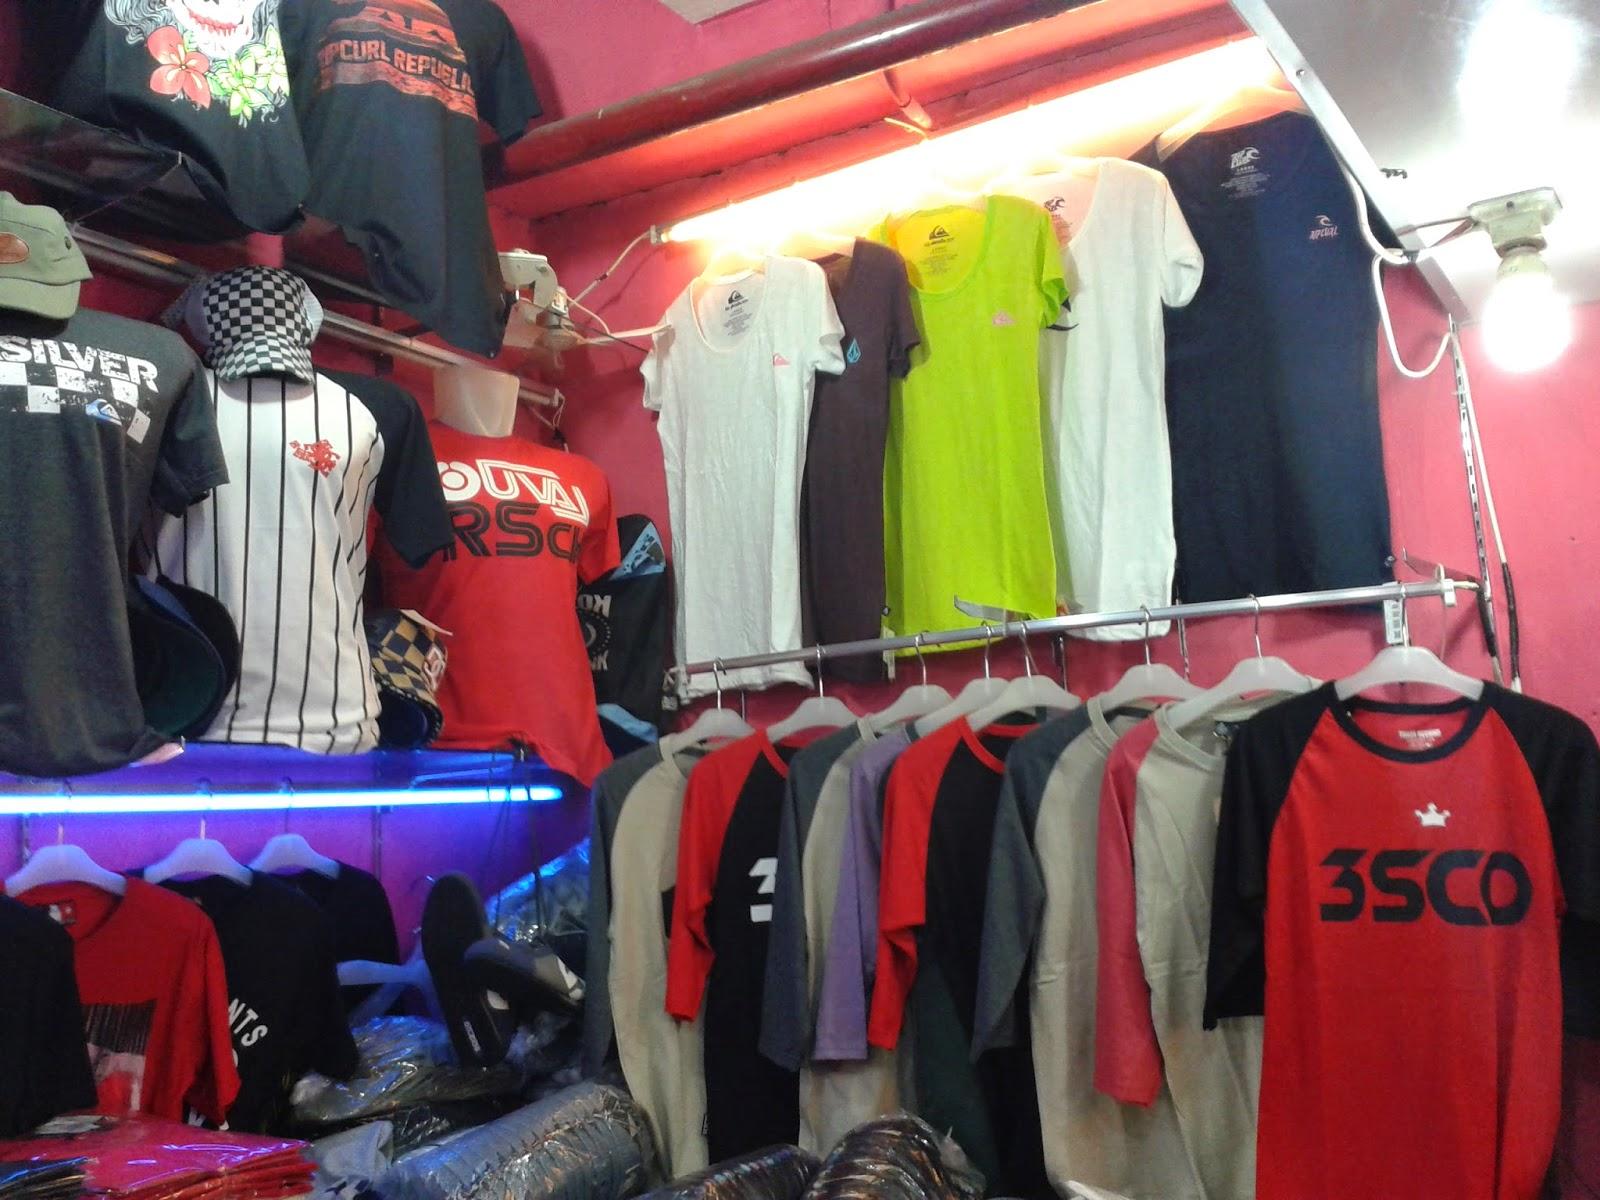 Grosir Kaos Distro Parahyangan Bandung Produsen Kaos Distro Parahyangan Bandung Berkualitas dan Murah